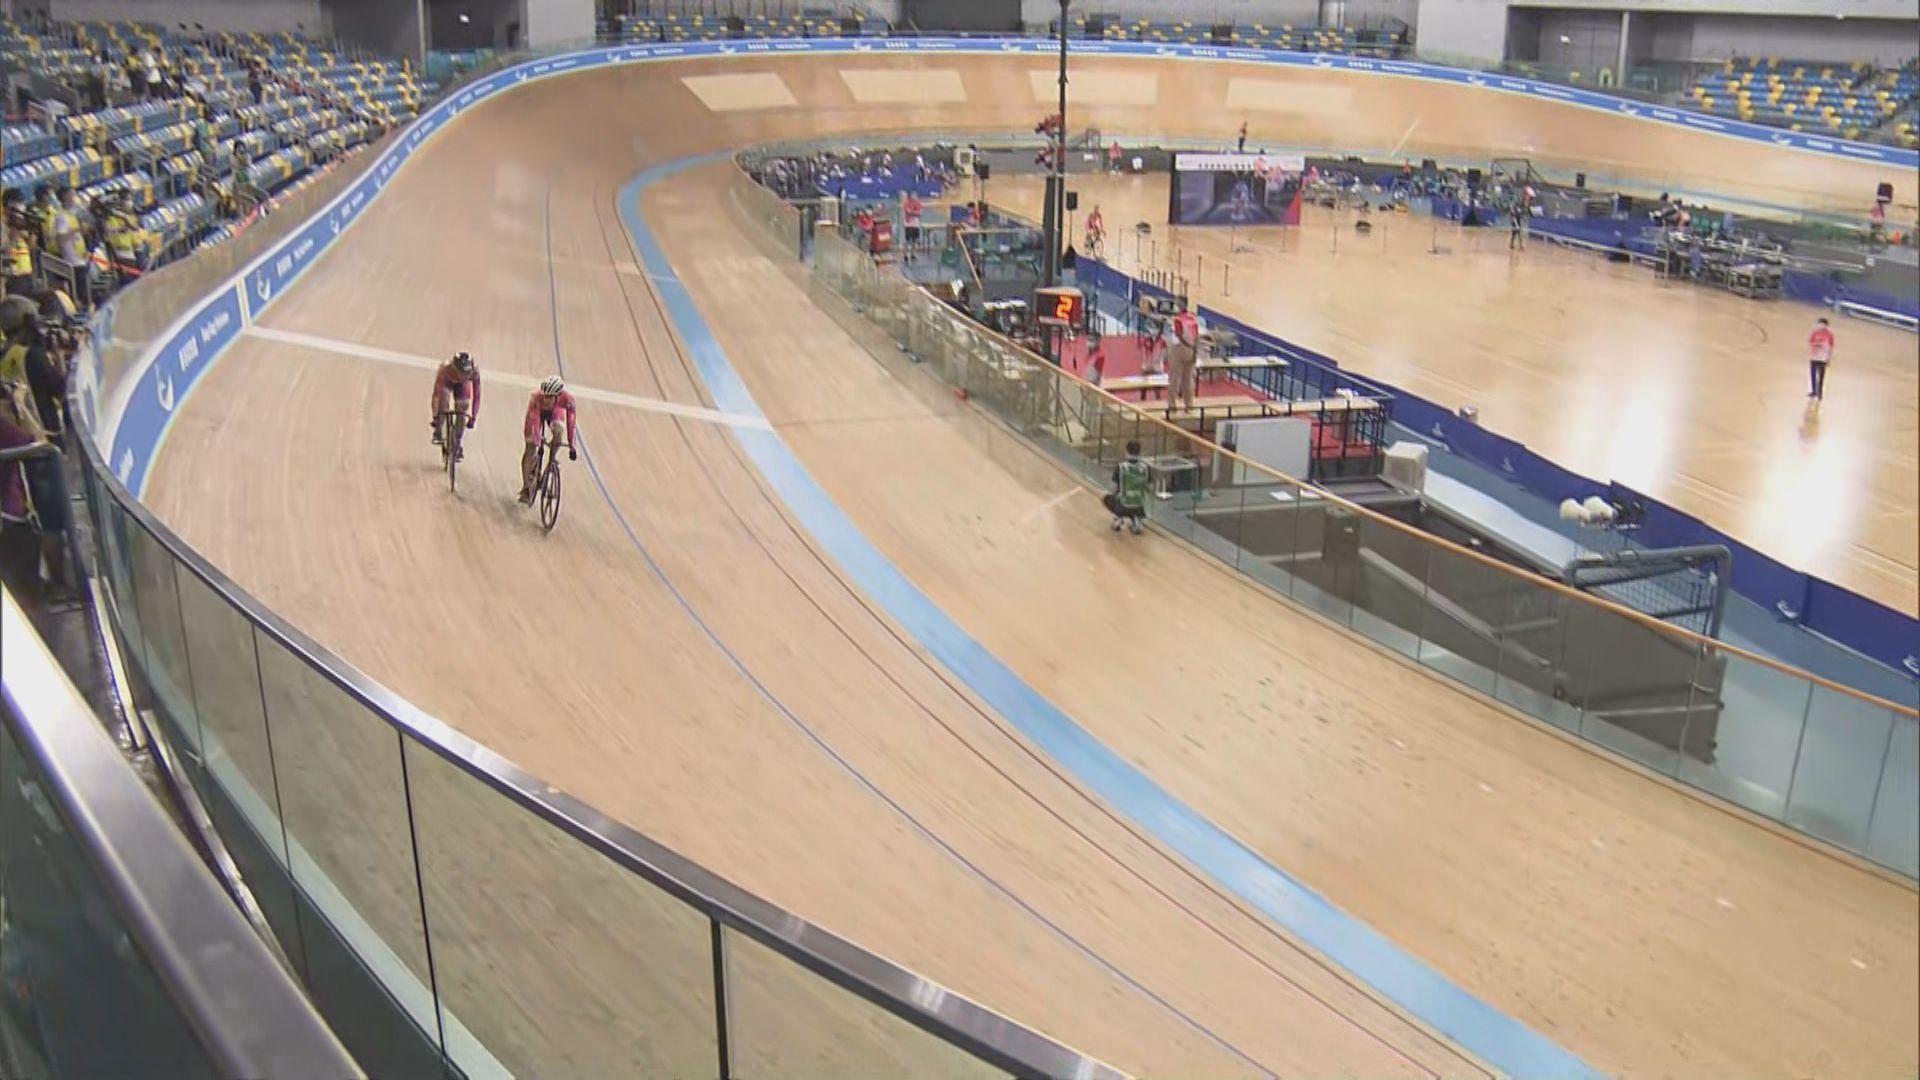 香港單車隊舉辦模擬賽備戰東京奧運 李慧詩:有信心爭先賽及凱林賽奪牌